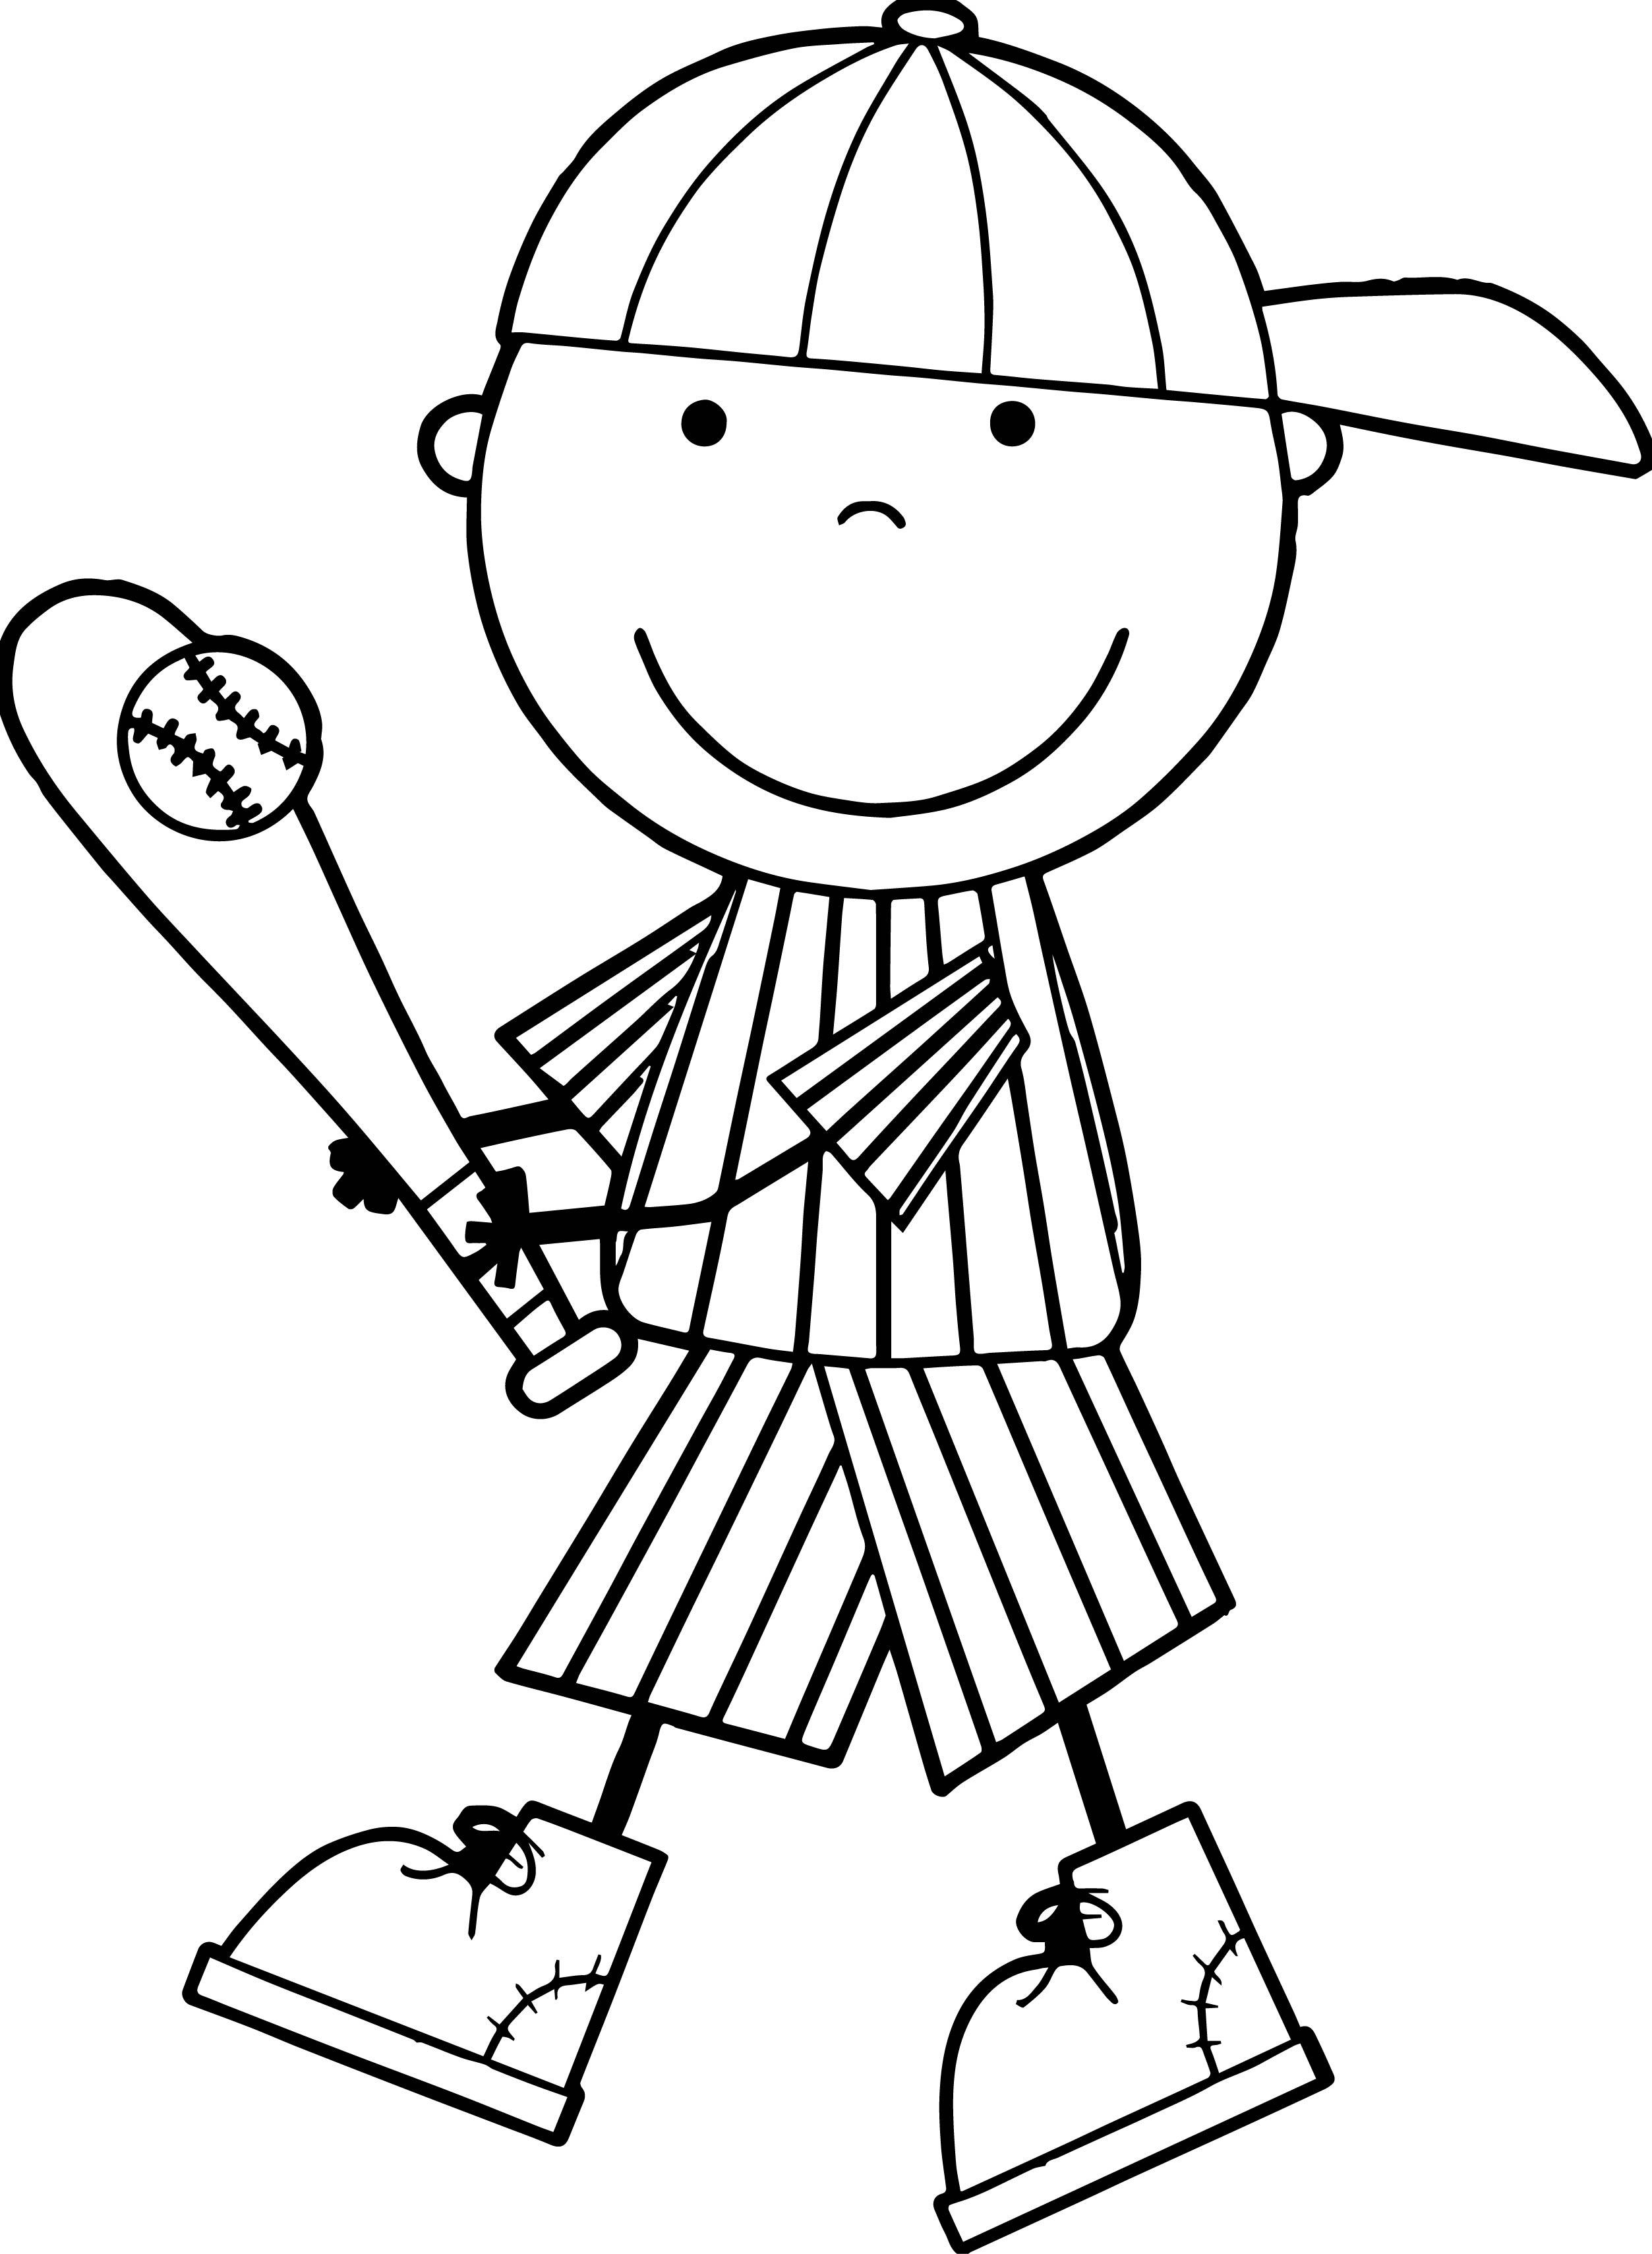 coloring page baseball - baseball kid coloring page